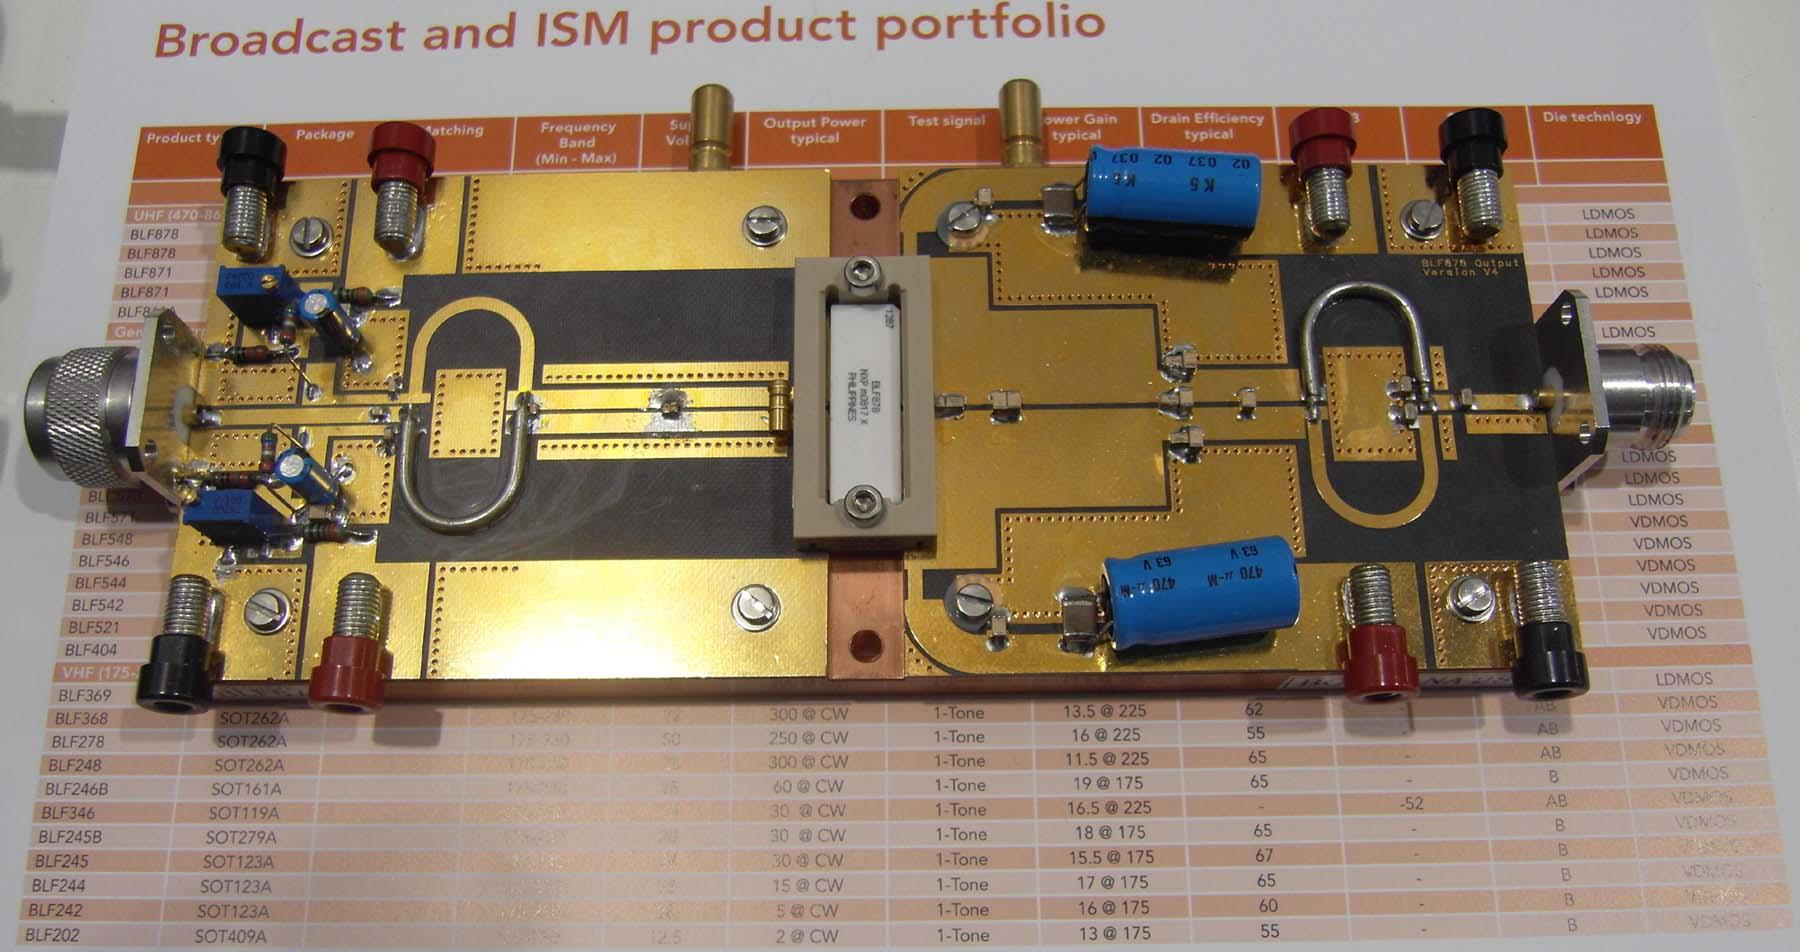 """历届最具规模的IIC-China展览会,第13届""""国际集成电路研讨会暨展览会"""",全球十大半导体公司中的八家,包括Intel、 Freescale Semiconductor、NXP Semiconductors、Renesas Technology、Samsung、STMicroelectronics、Texas Instruments及Toshiba都在IIC-China展会中展示他们的最新技术。其中我司为NXP制作完成最新型号BLF878,BLF872的DEMO,在展会上展出,"""